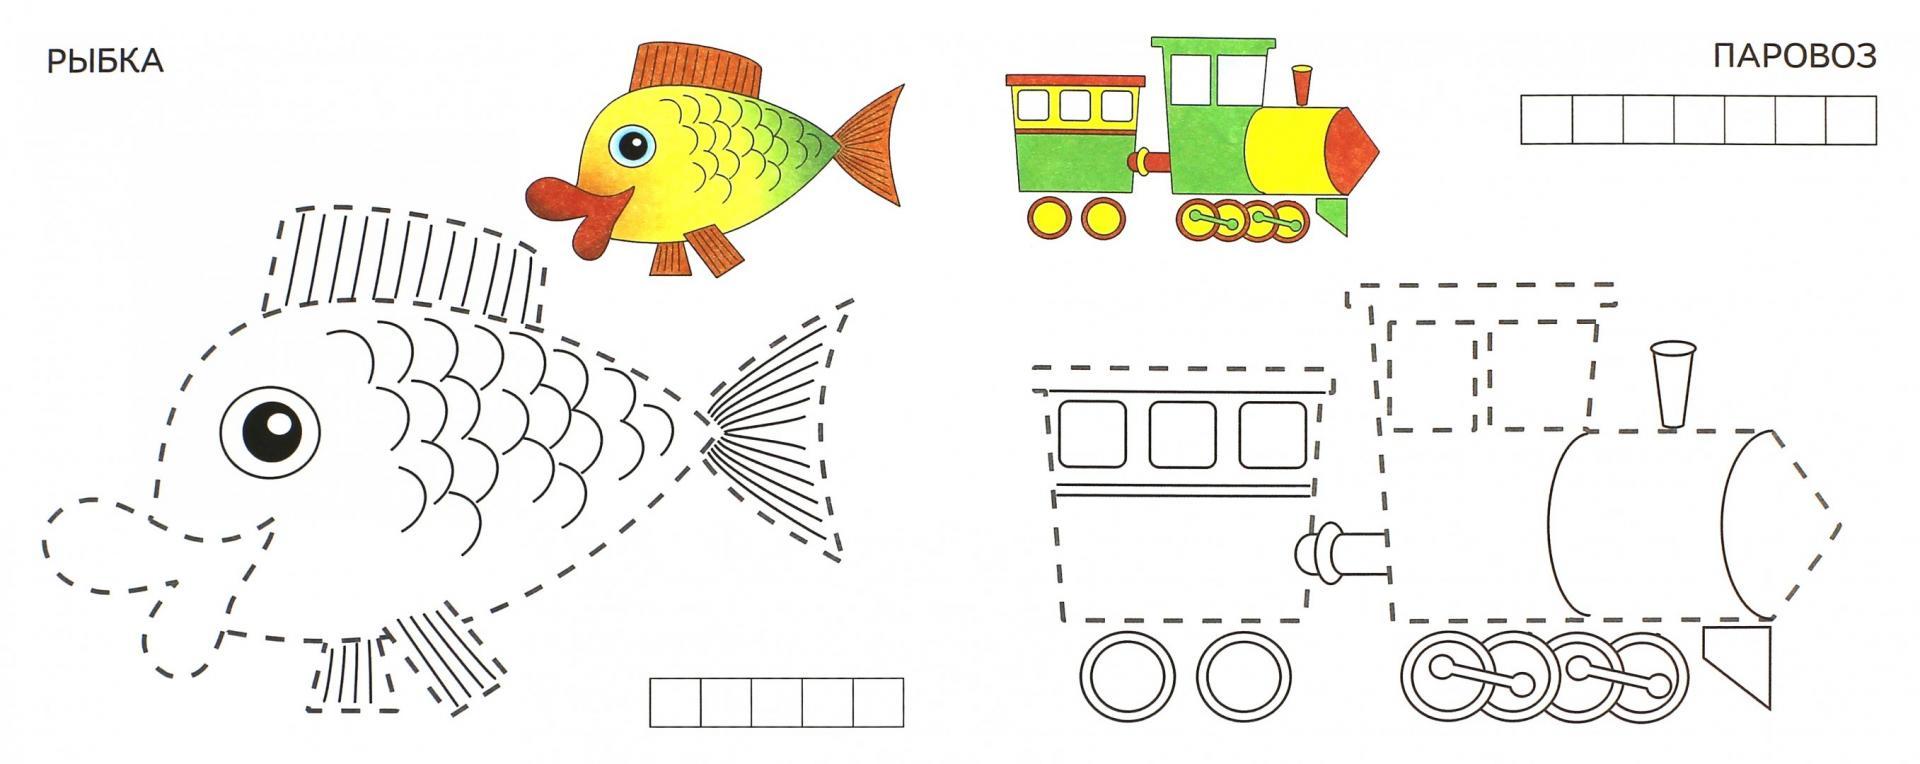 Иллюстрация 1 из 16 для Кит | Лабиринт - книги. Источник: Лабиринт